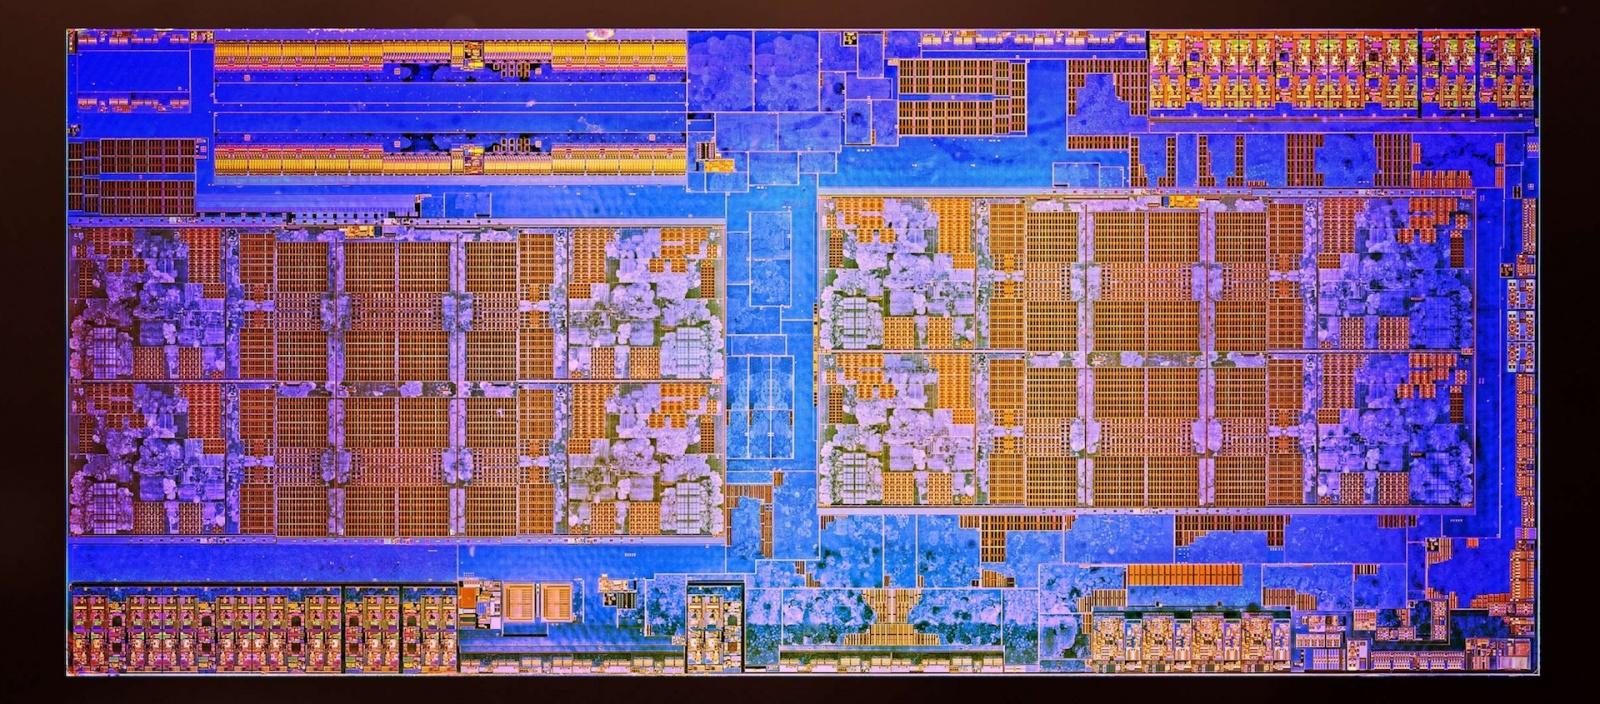 AMD объявила спецификации и стоимость процессоров Ryzen Threadripper 1920X и 1950X - 1